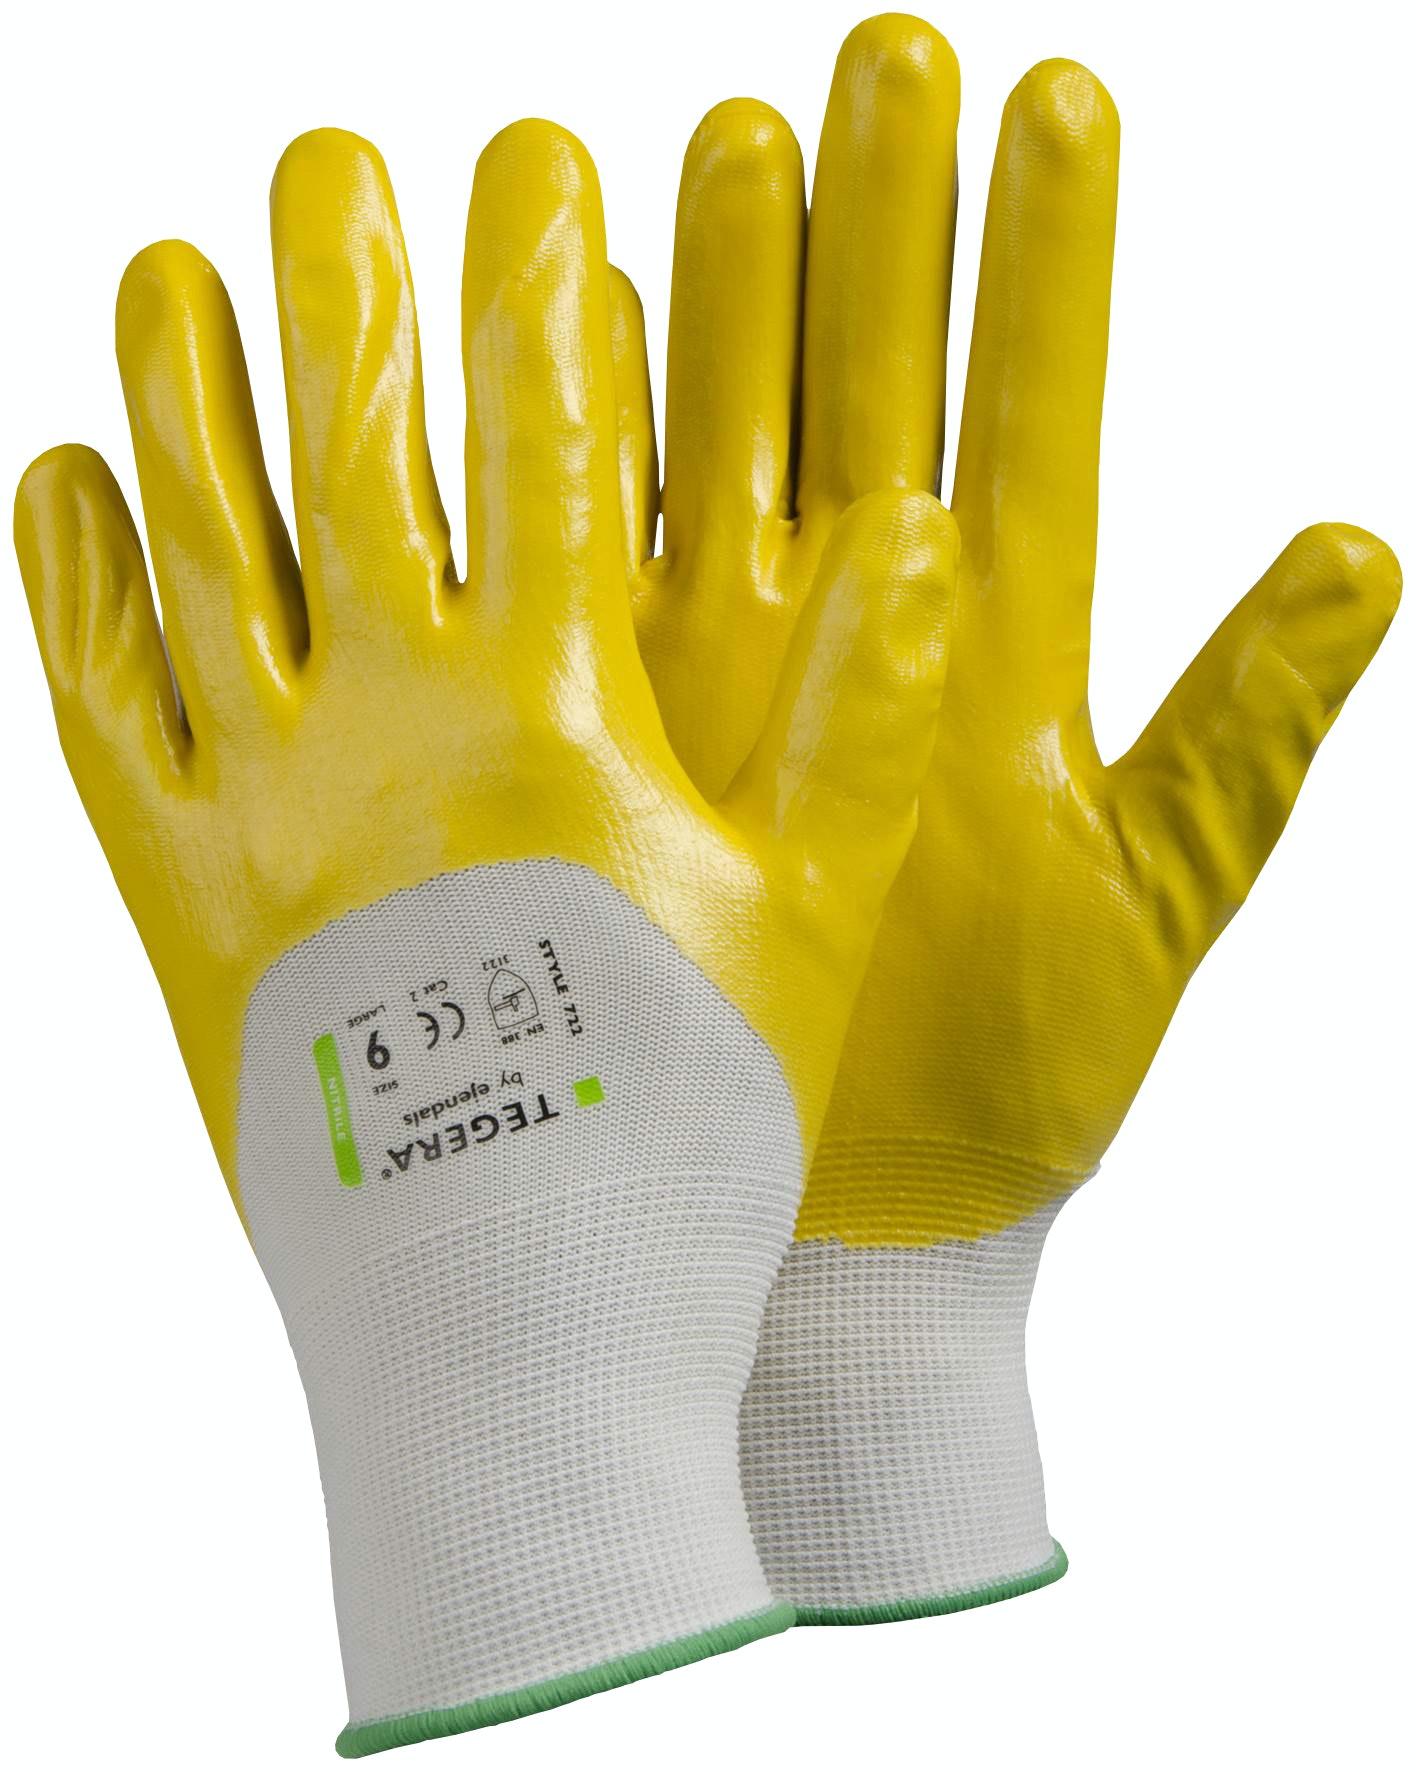 Handskar Tegera Nitrildoppad Stl 10